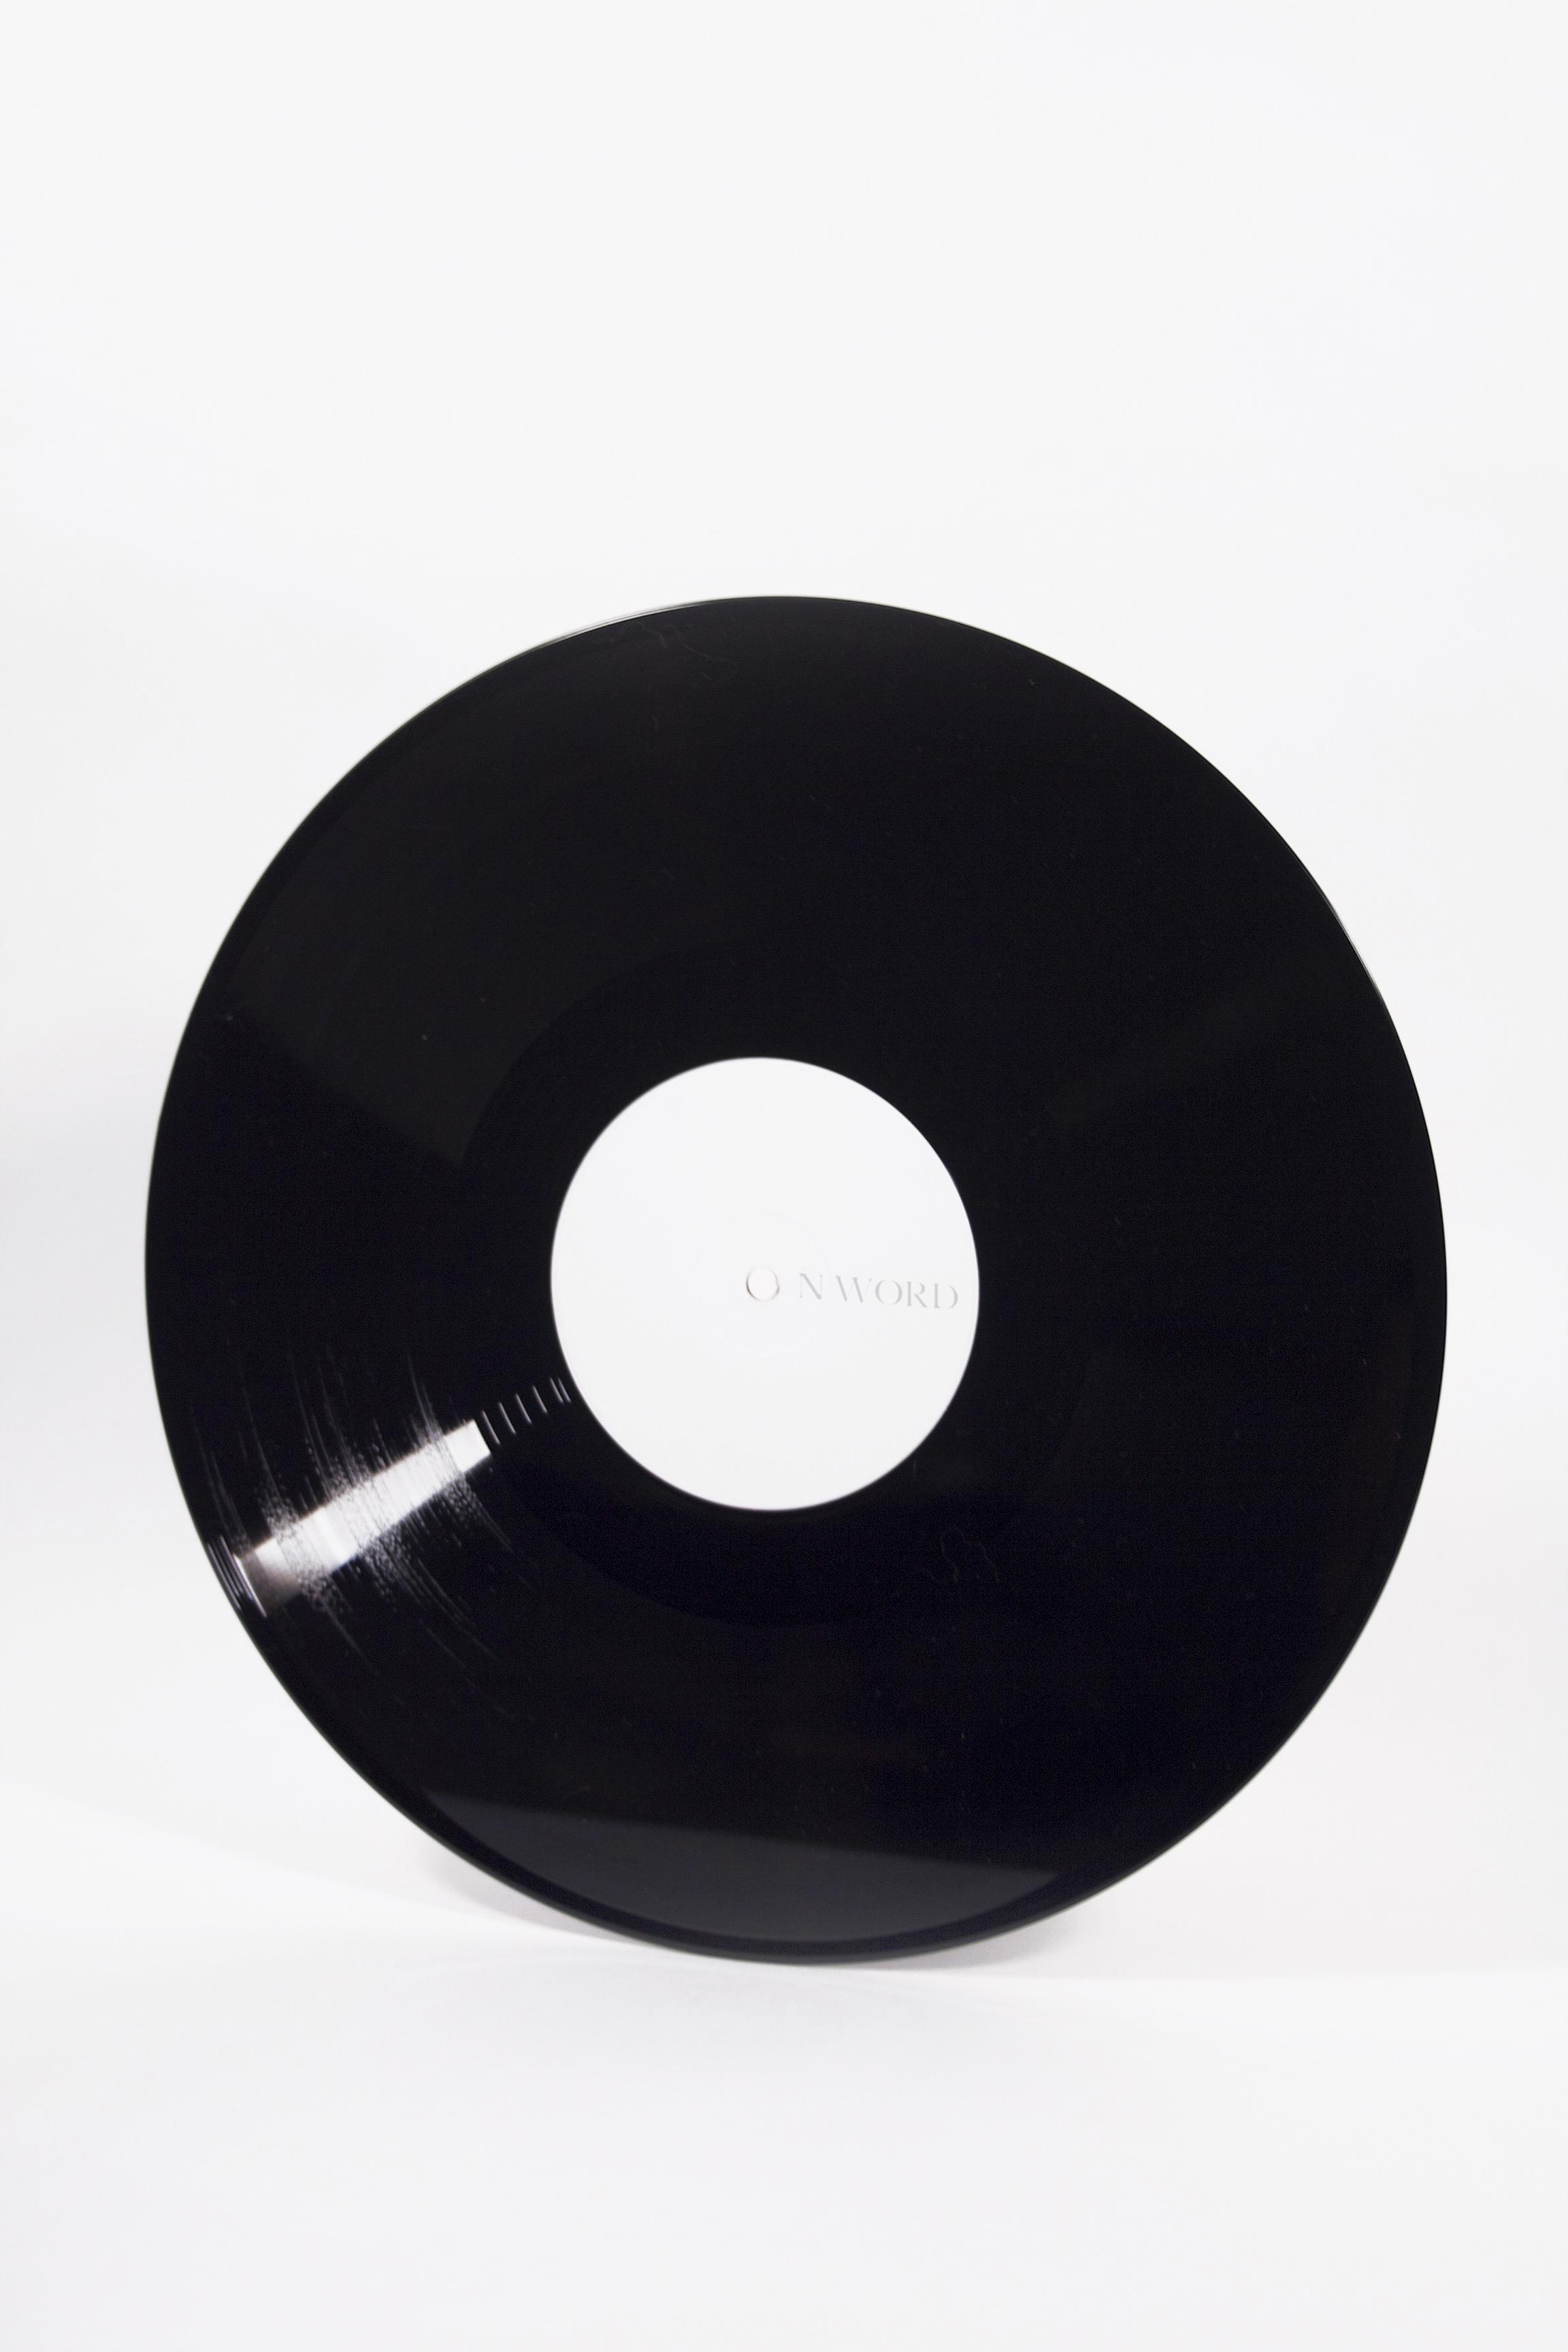 Revelle - Our Word Album - 16.jpg